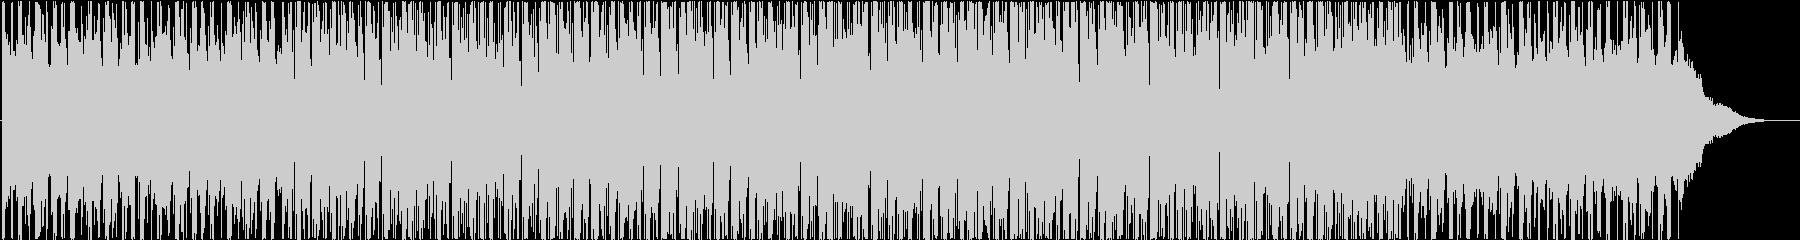 ポジティブ、エネルギッシュ、ヒップホップの未再生の波形